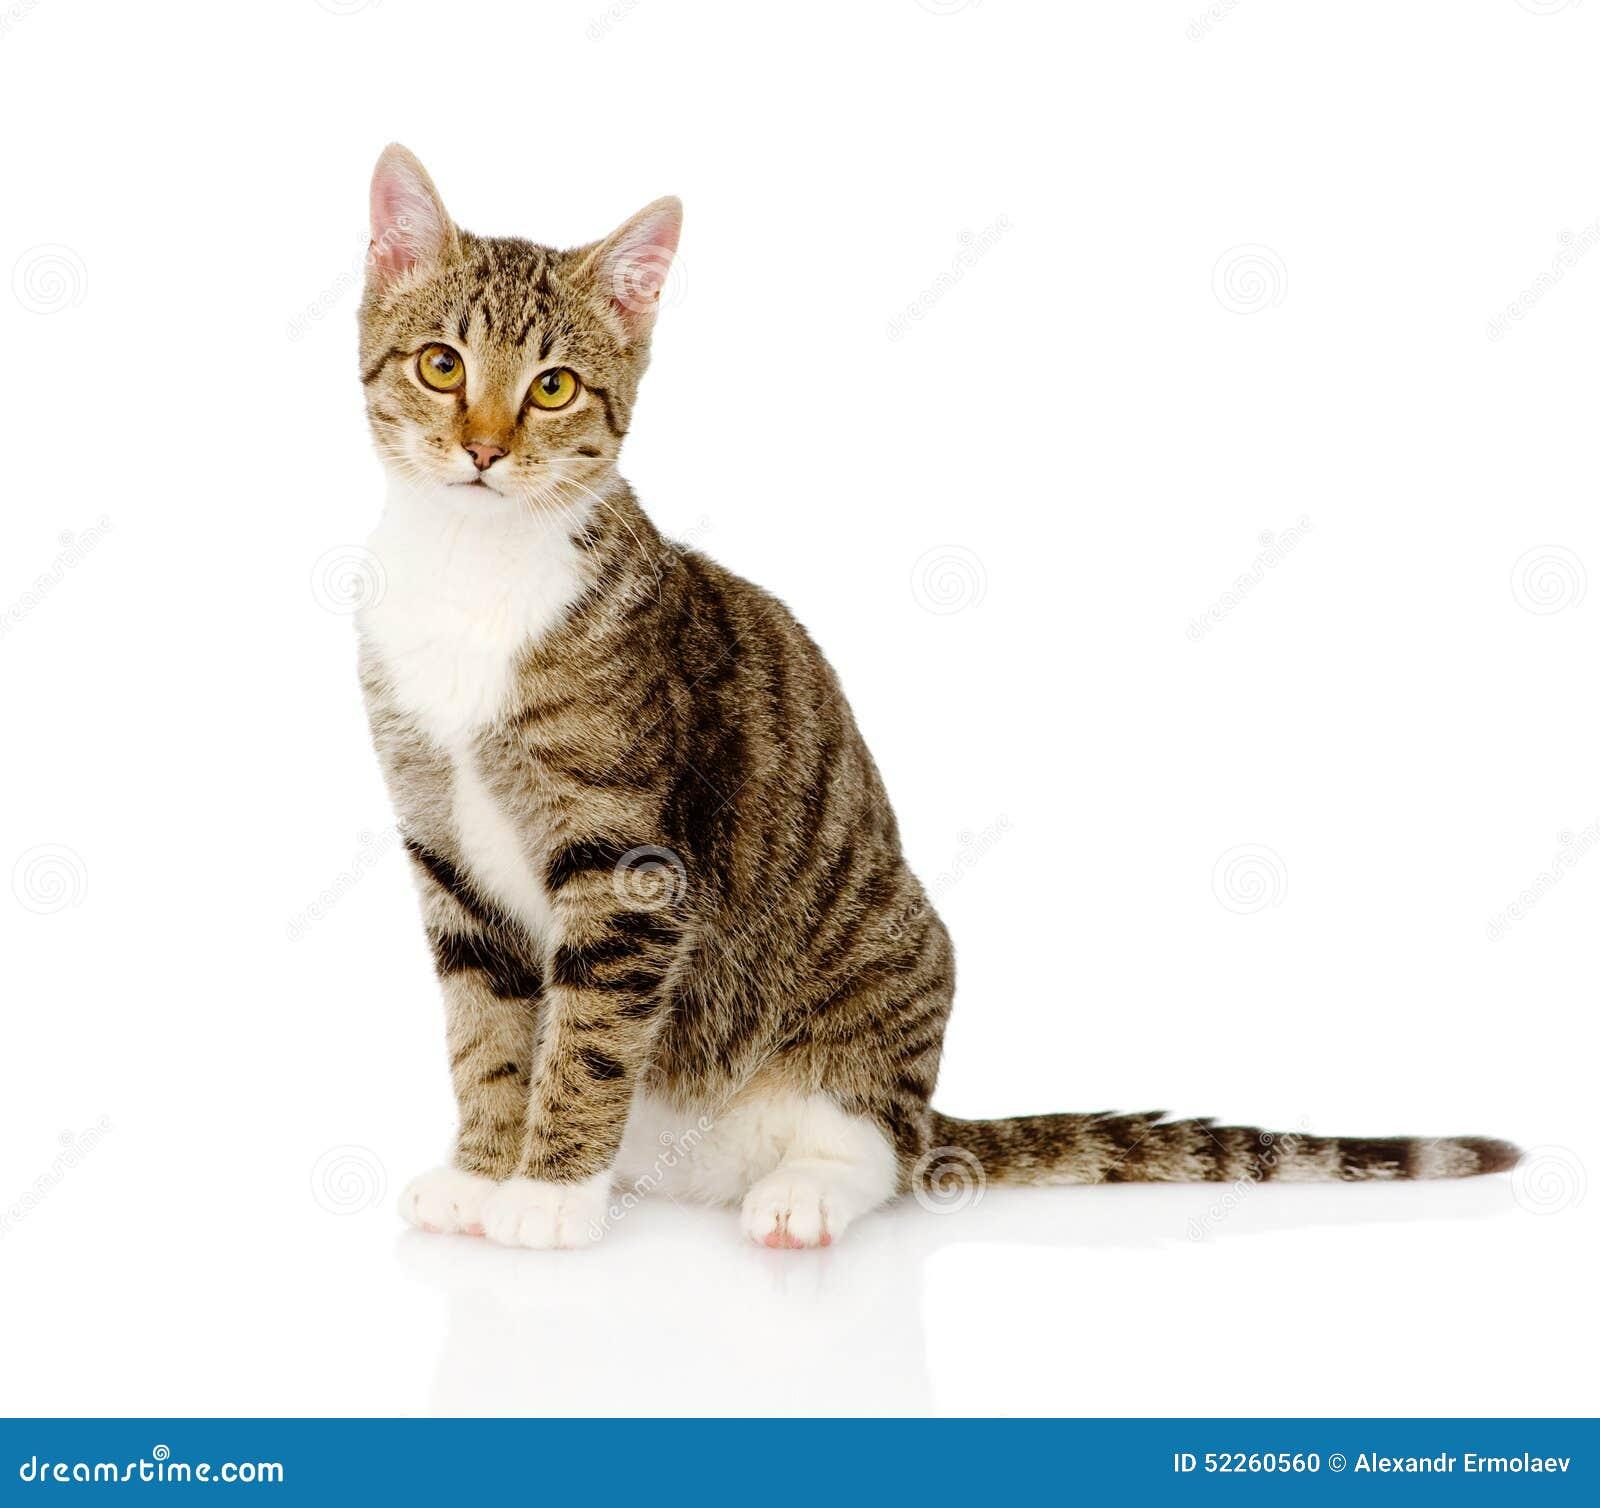 pallas cat domesticated